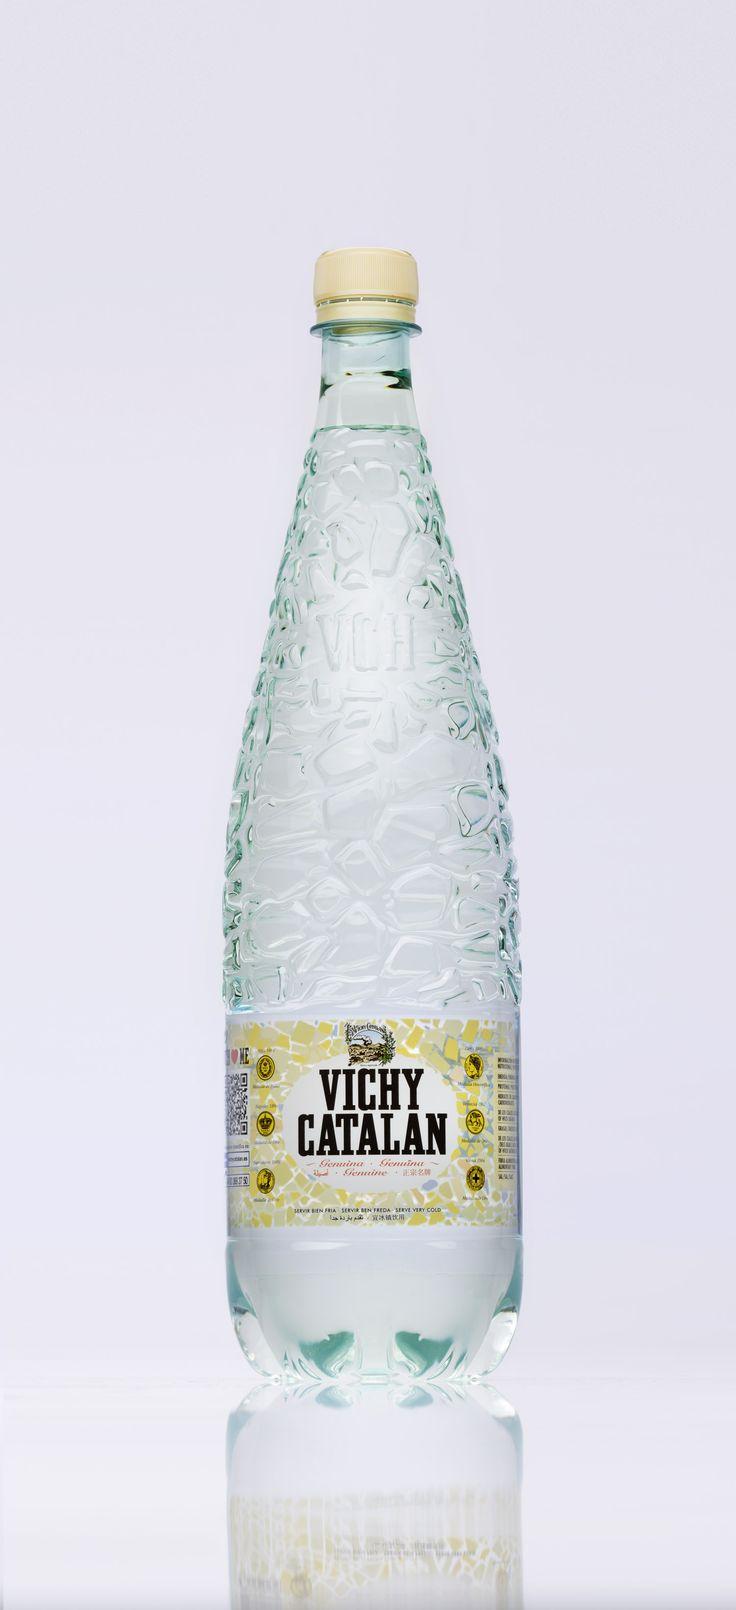 Nuevo envase para el Vichy Catalán de siempre. Nuevo Vichy Catalán 1,2l en PET, más resistente y duradera que nunca.